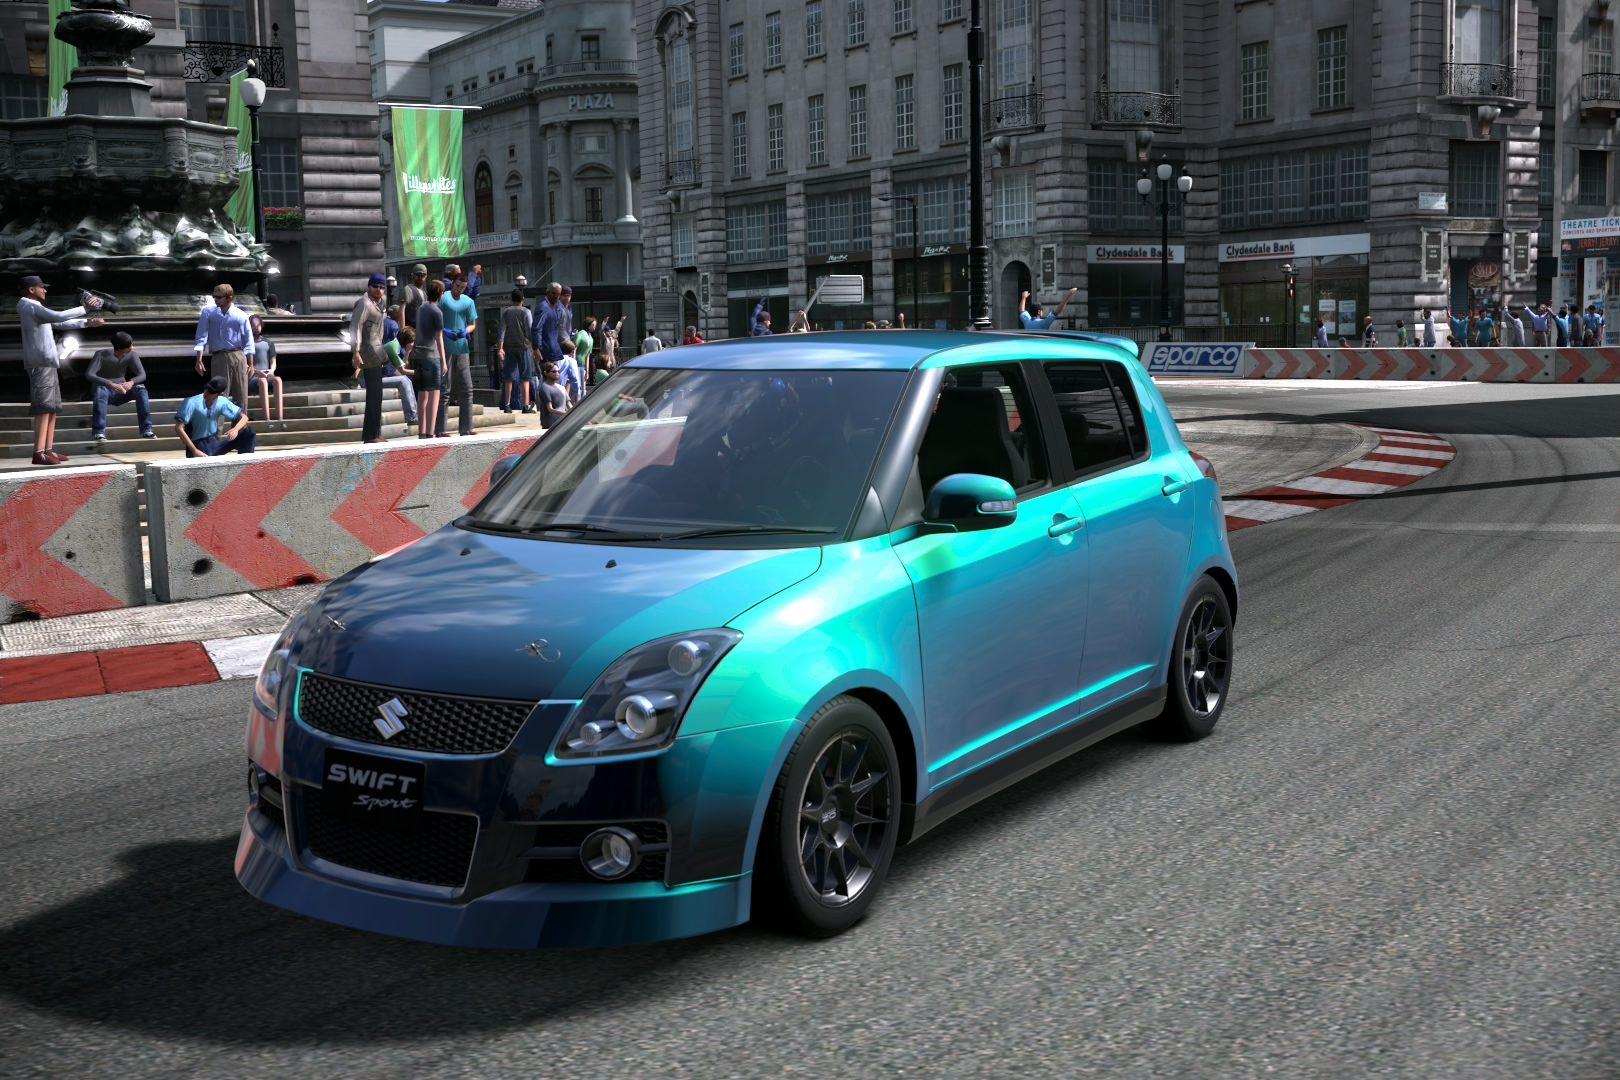 SuzukiSwift07.jpg